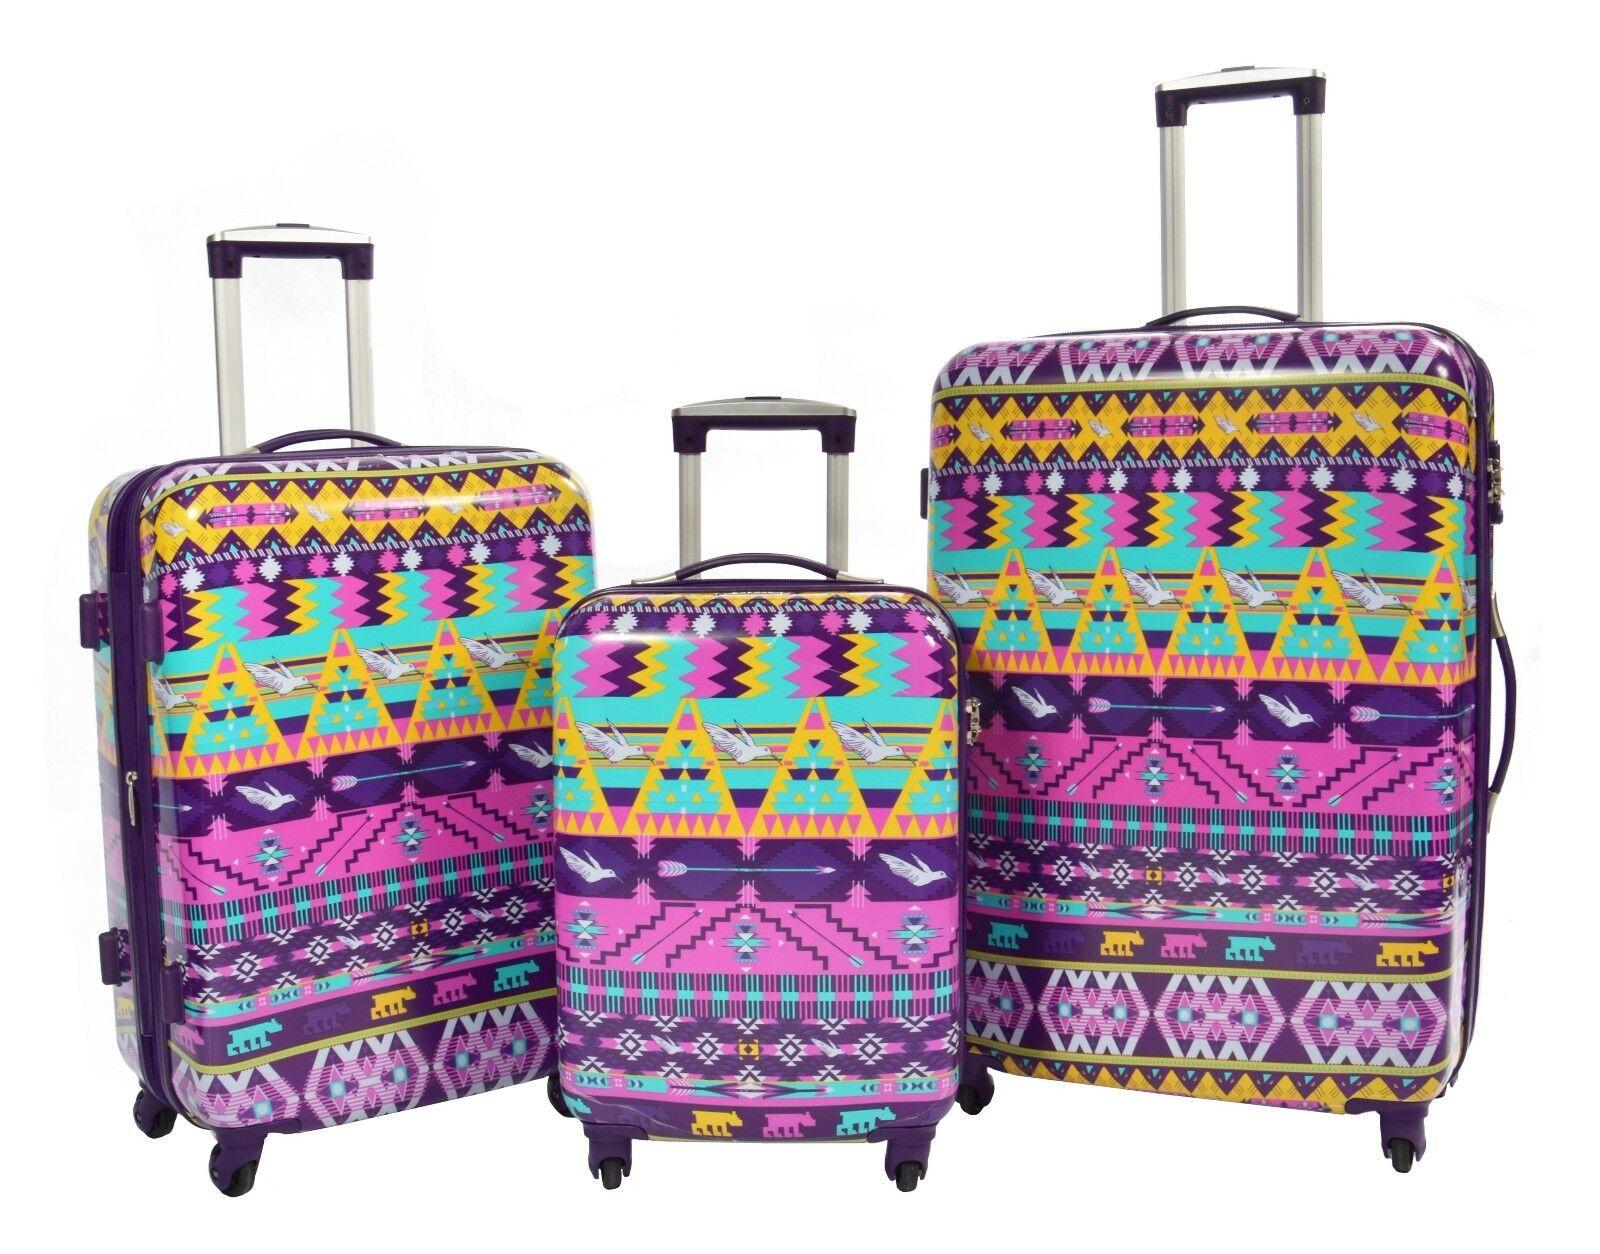 Aztec Valigia Set Multicolore 4 RUOTE LUCCHETTO TSA 3 Taglie Cabina M L Borsa